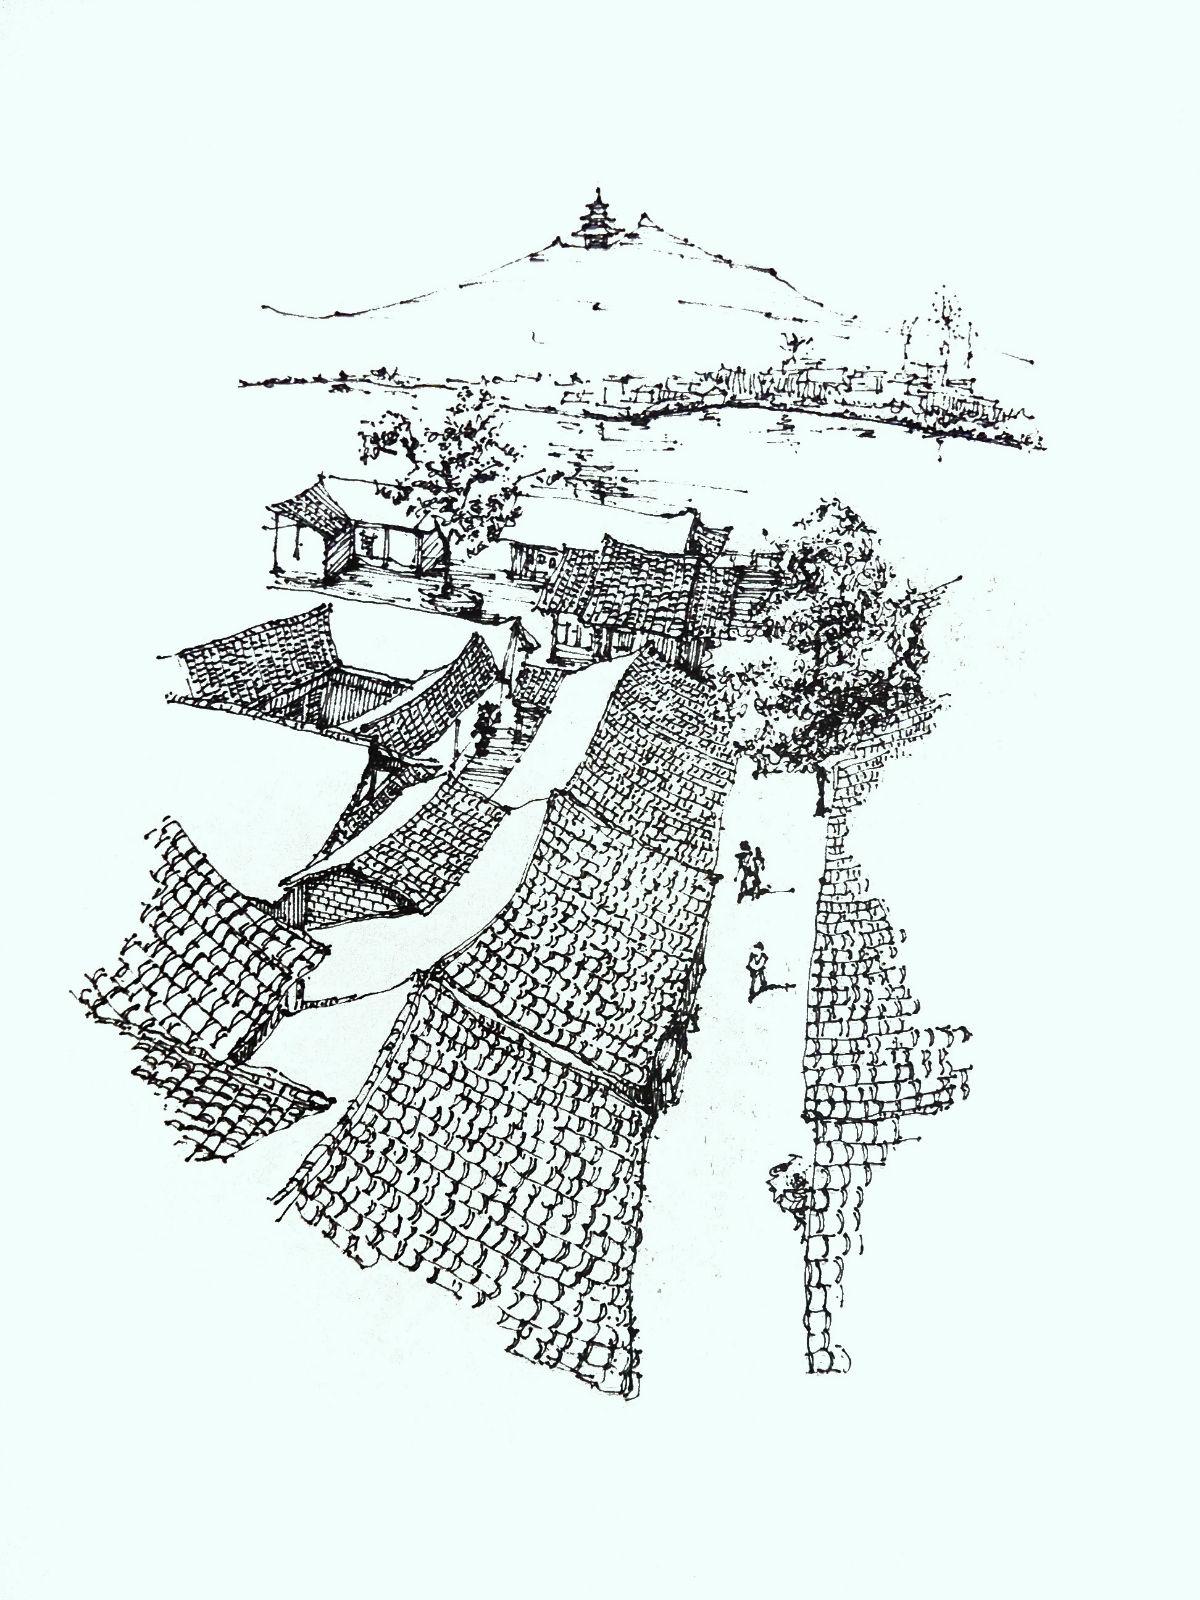 再附两张我画的阆中古城速写图片